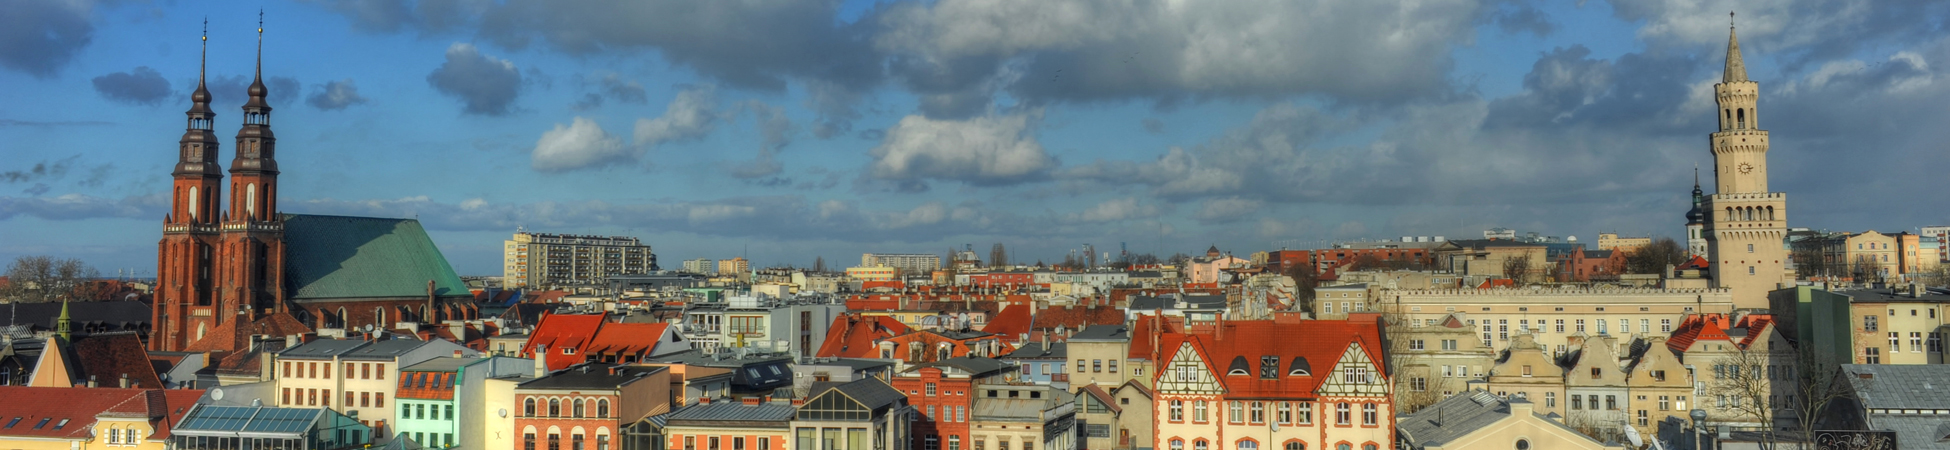 opole city